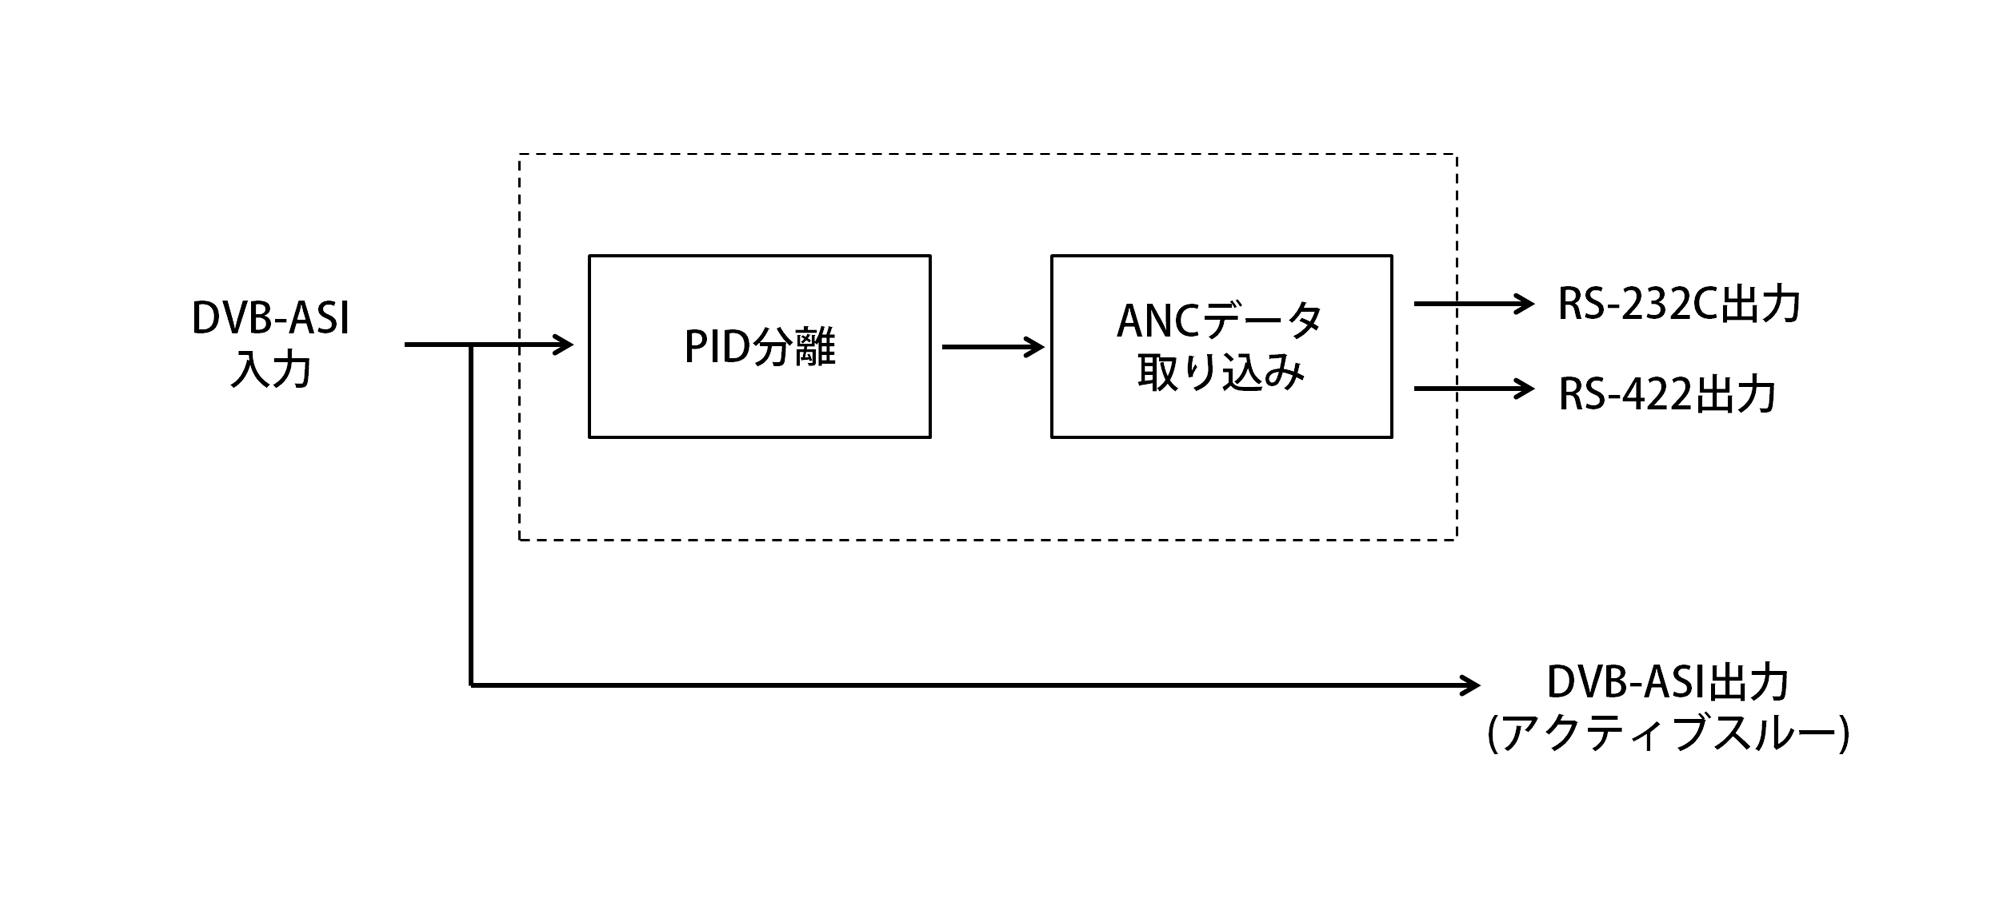 DBS1010ブロック図